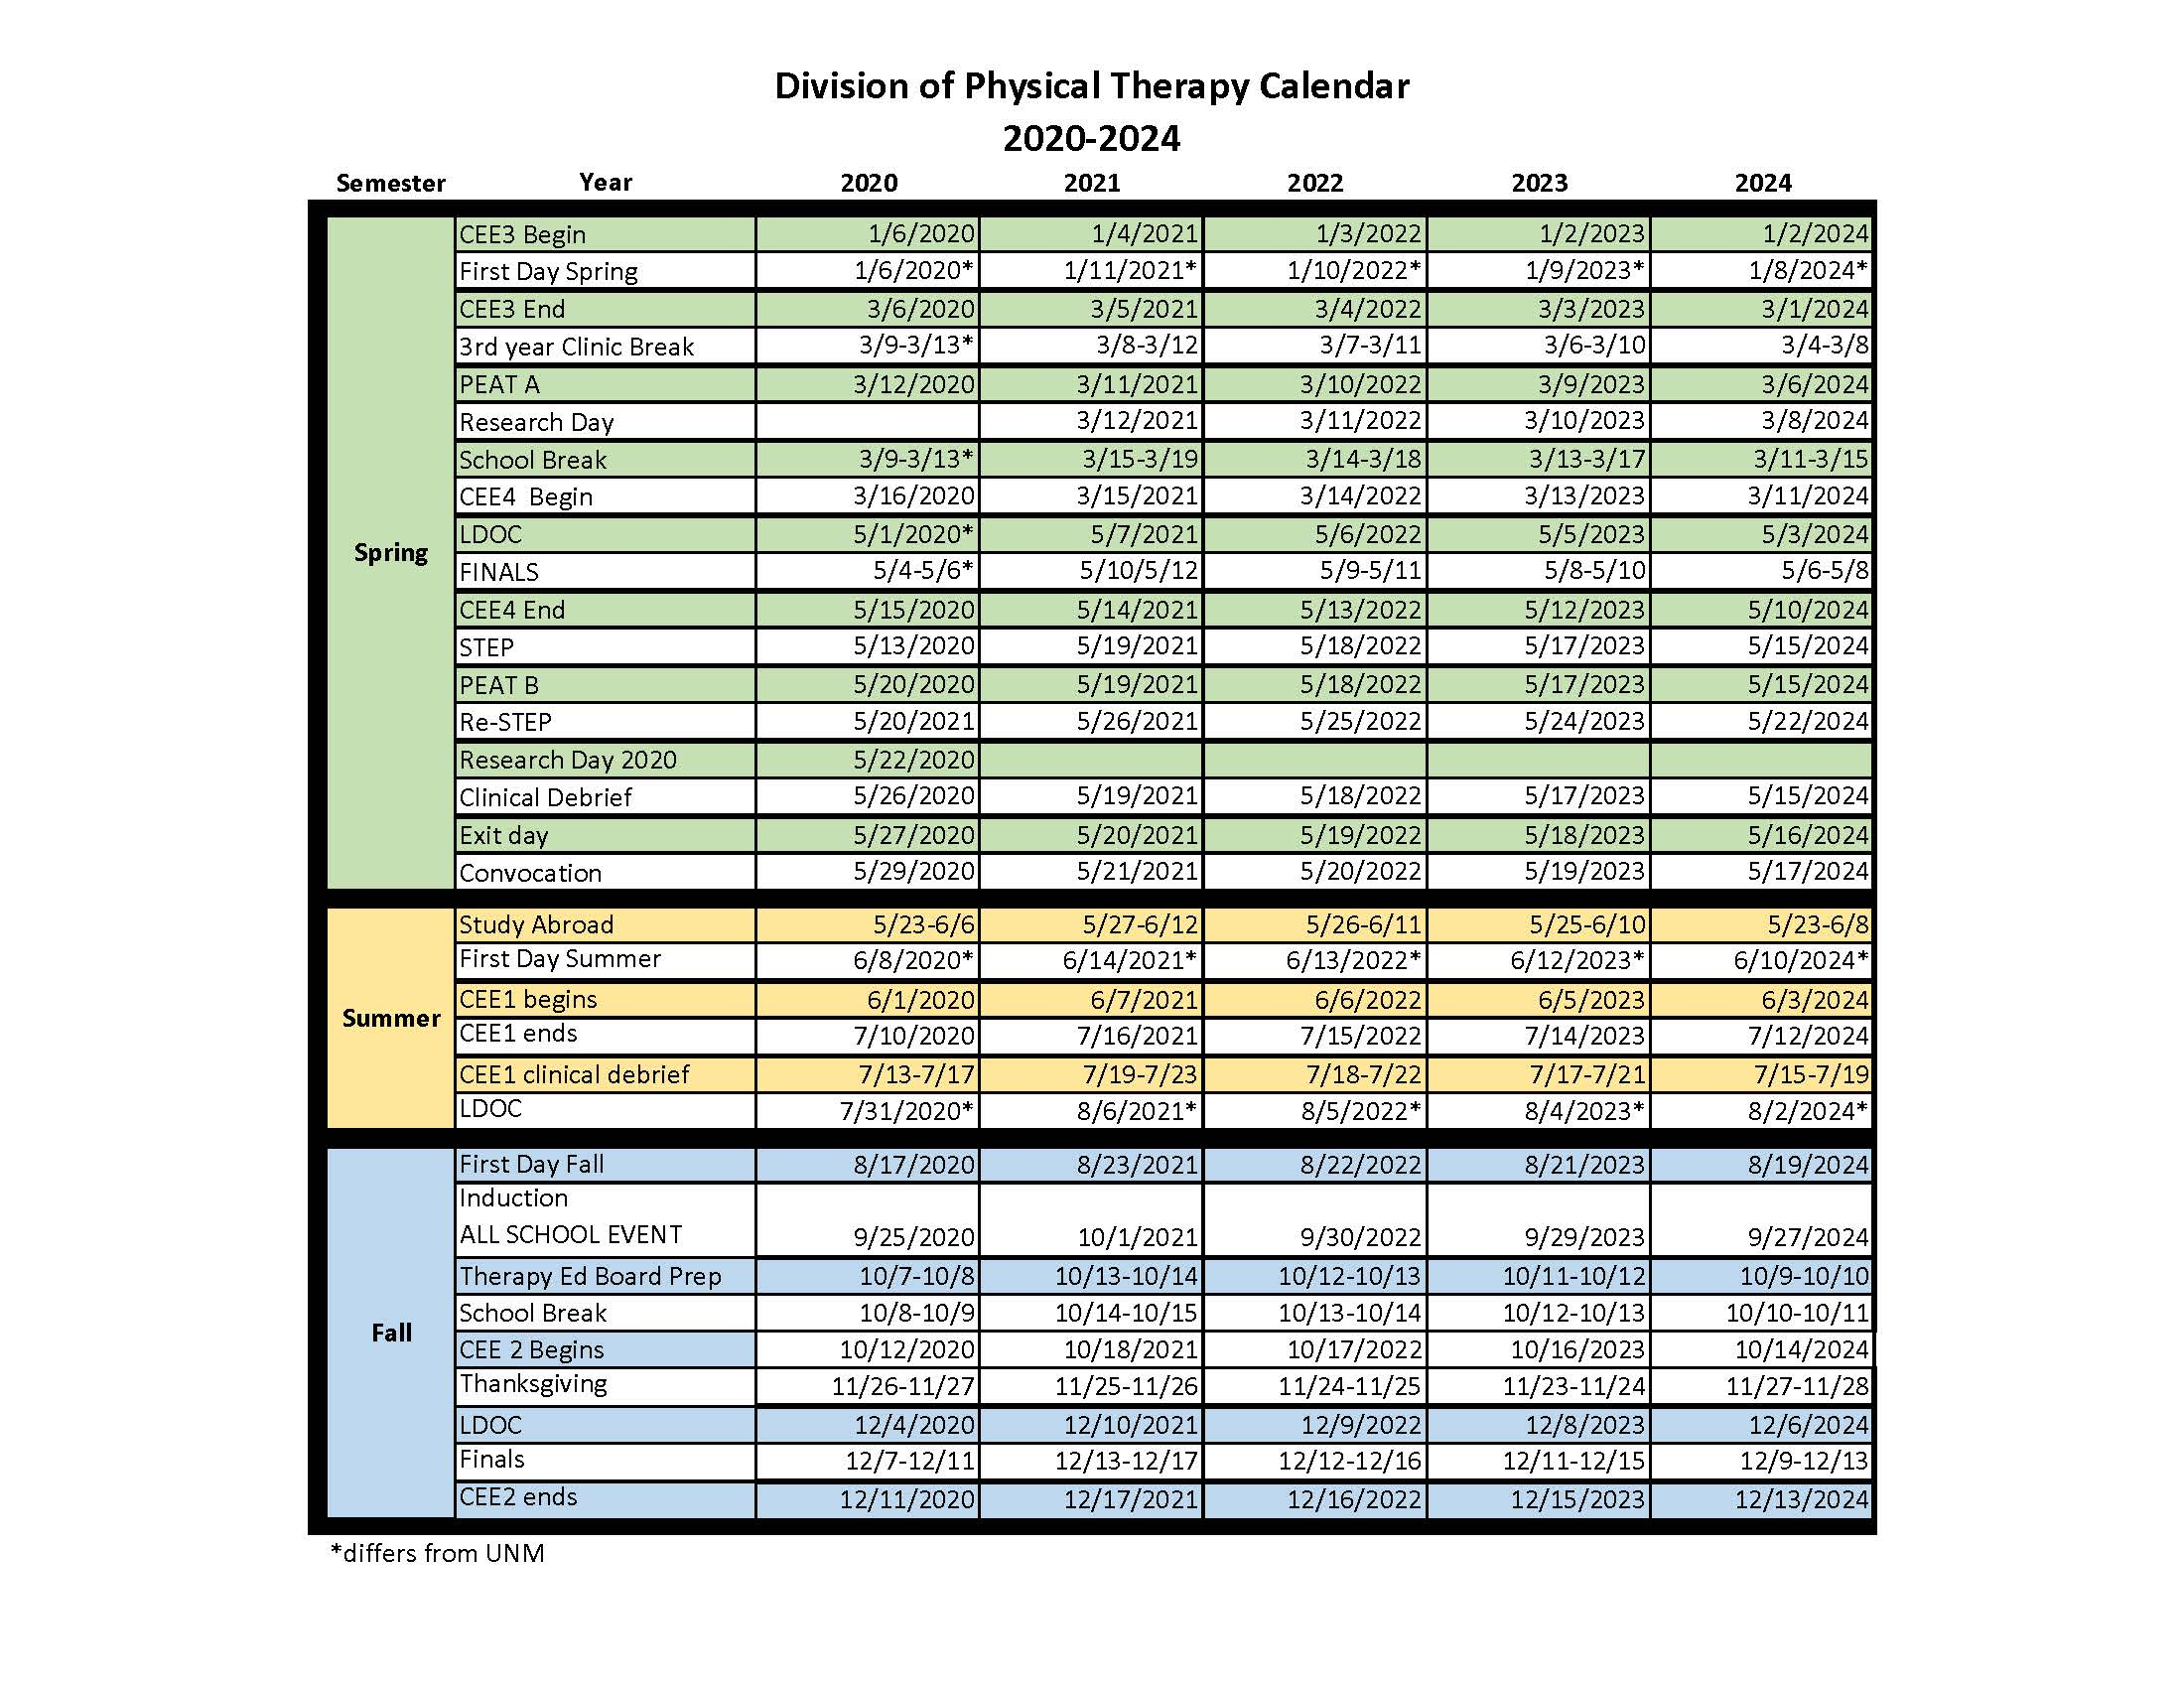 Calendario de 5 años de la división